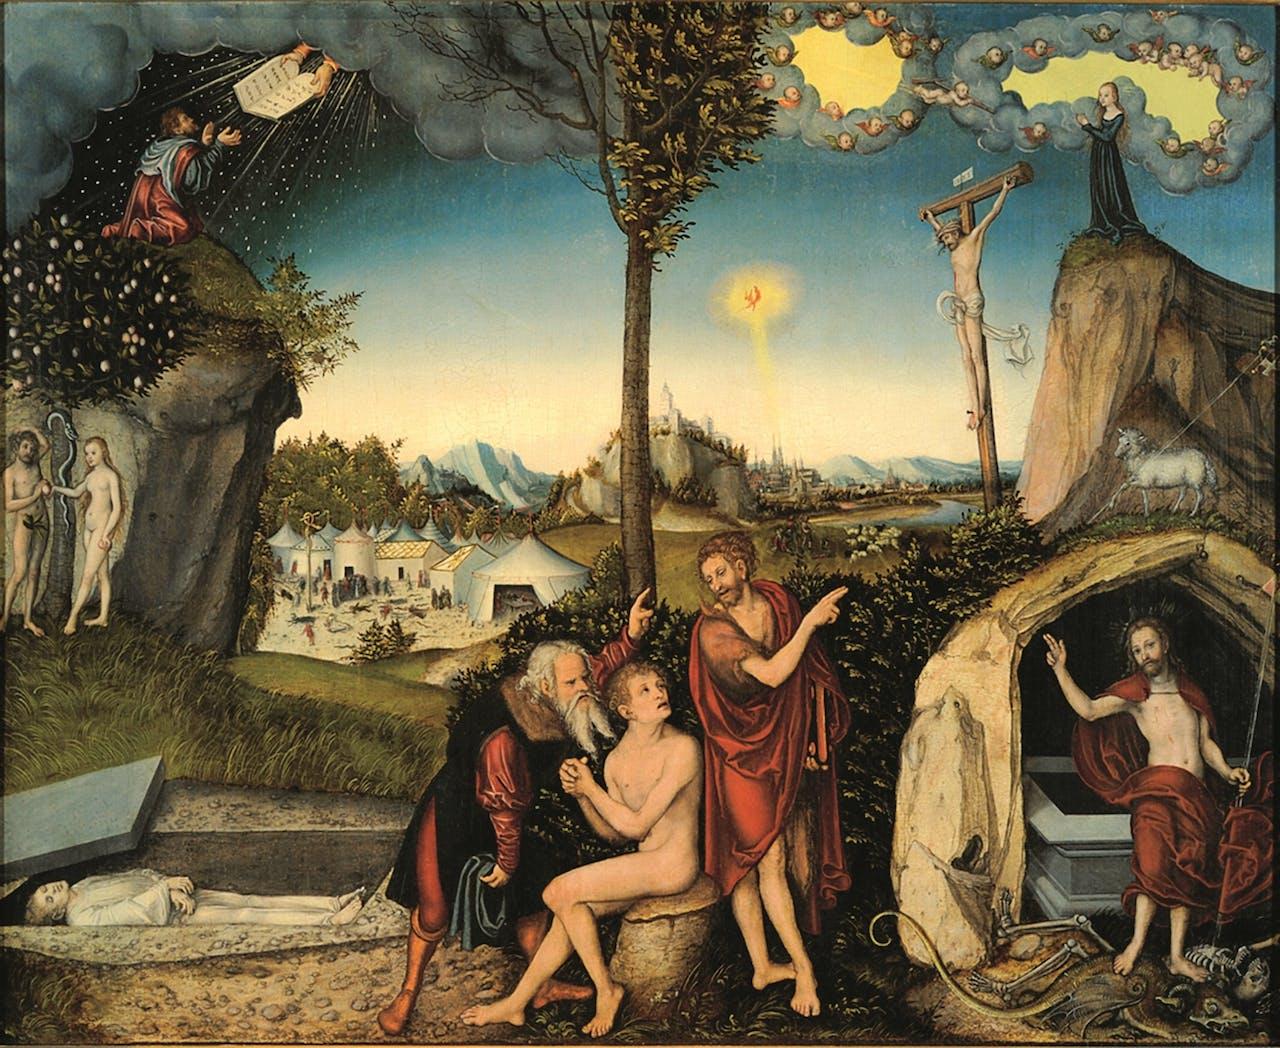 'Gesetz und Gnade', uit 1529, verbeeldt de leer van Luther dat de mens na de zondeval uitsluitend door Jezus kan worden gered; links zien we scènes uit het Oude Testament, rechts uit het Nieuwe.